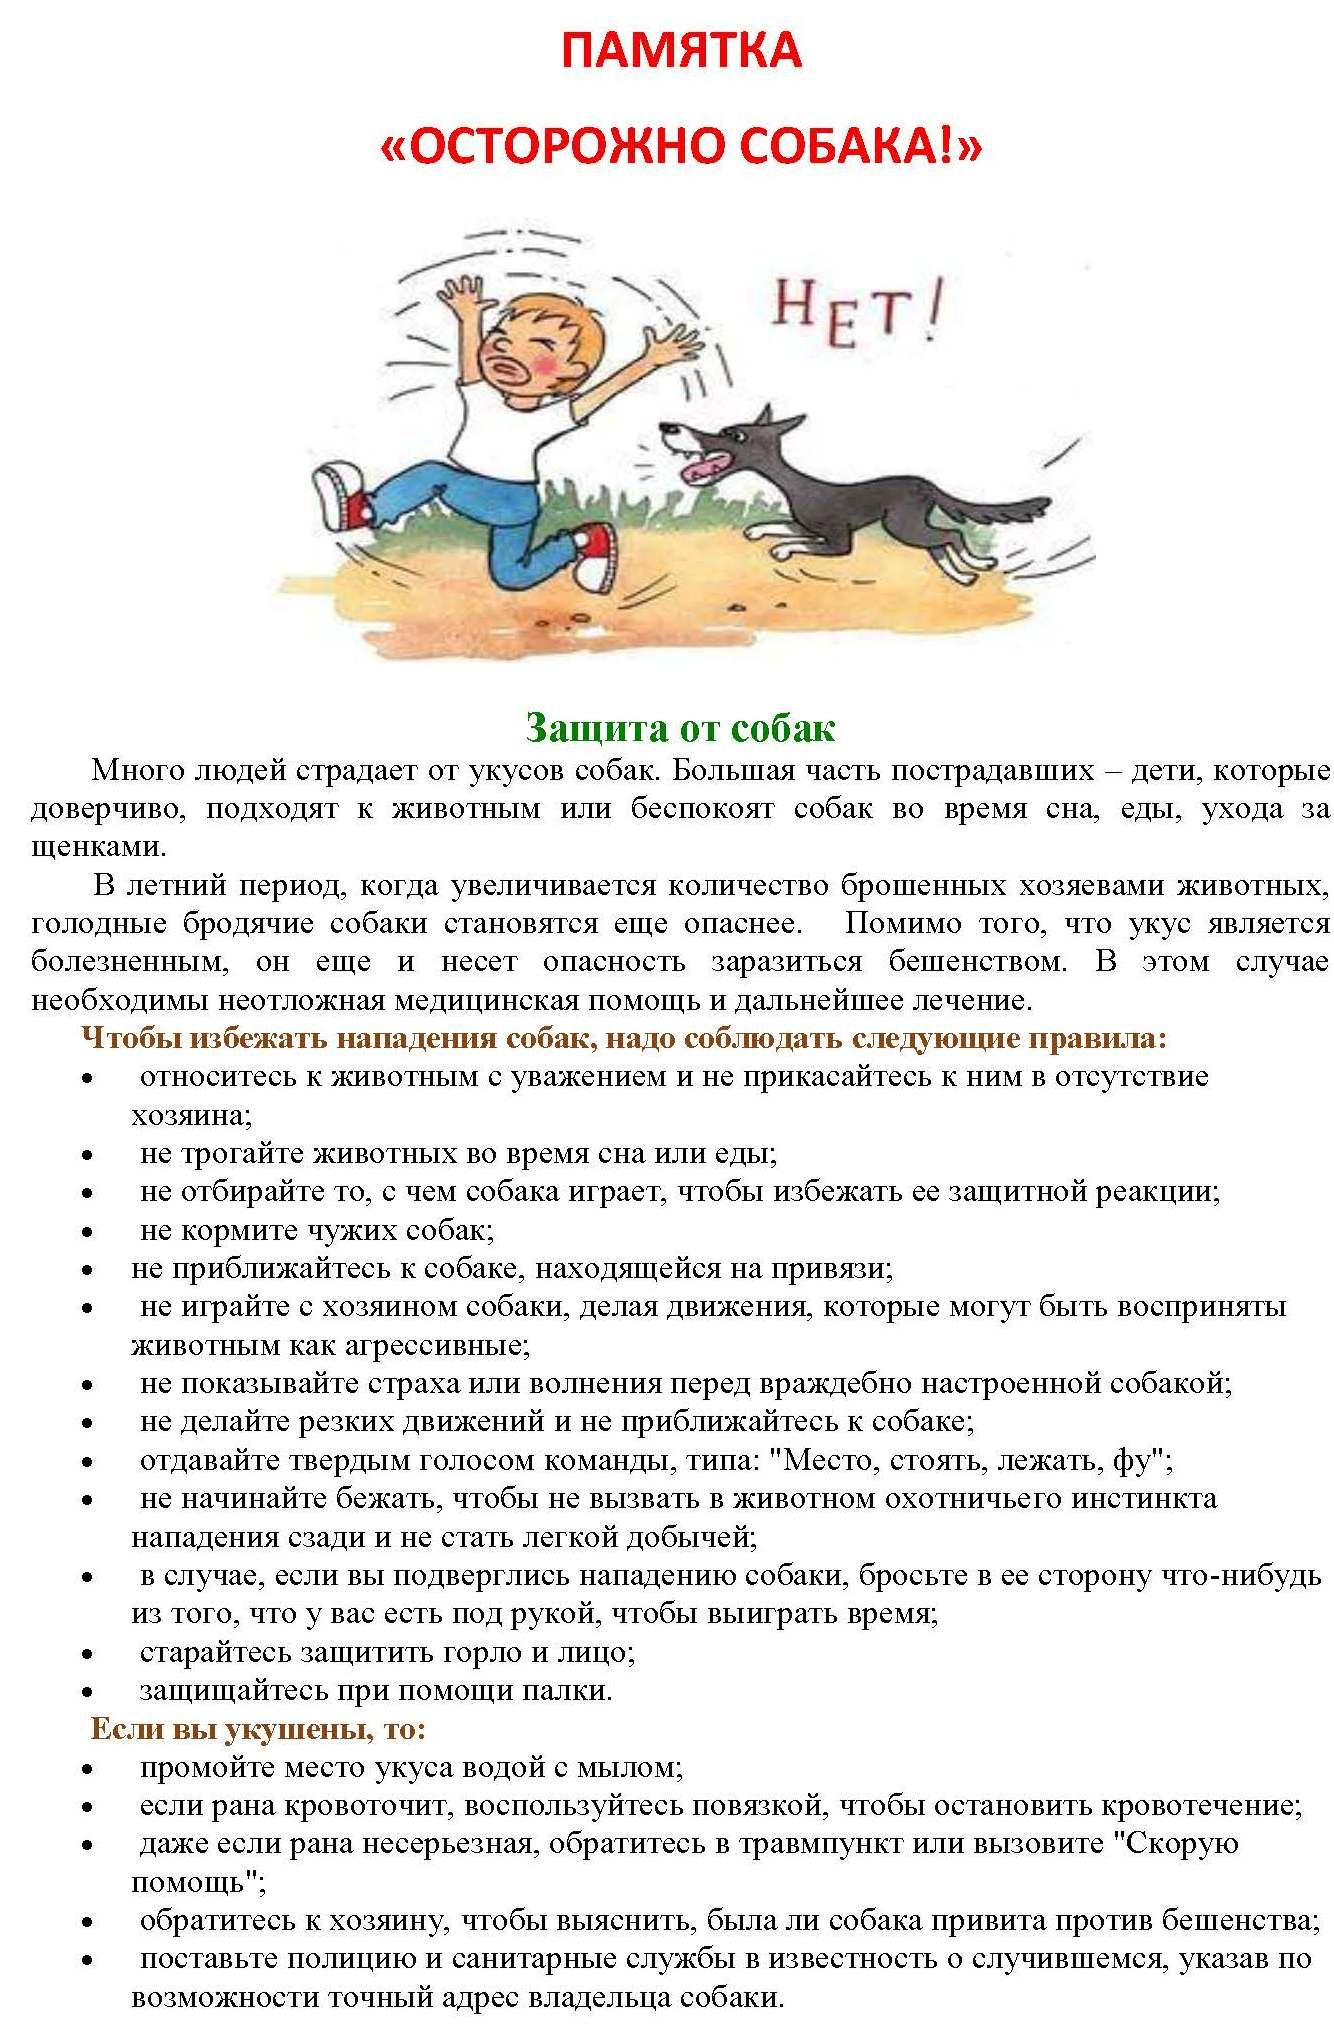 Памятка осторожно собаки